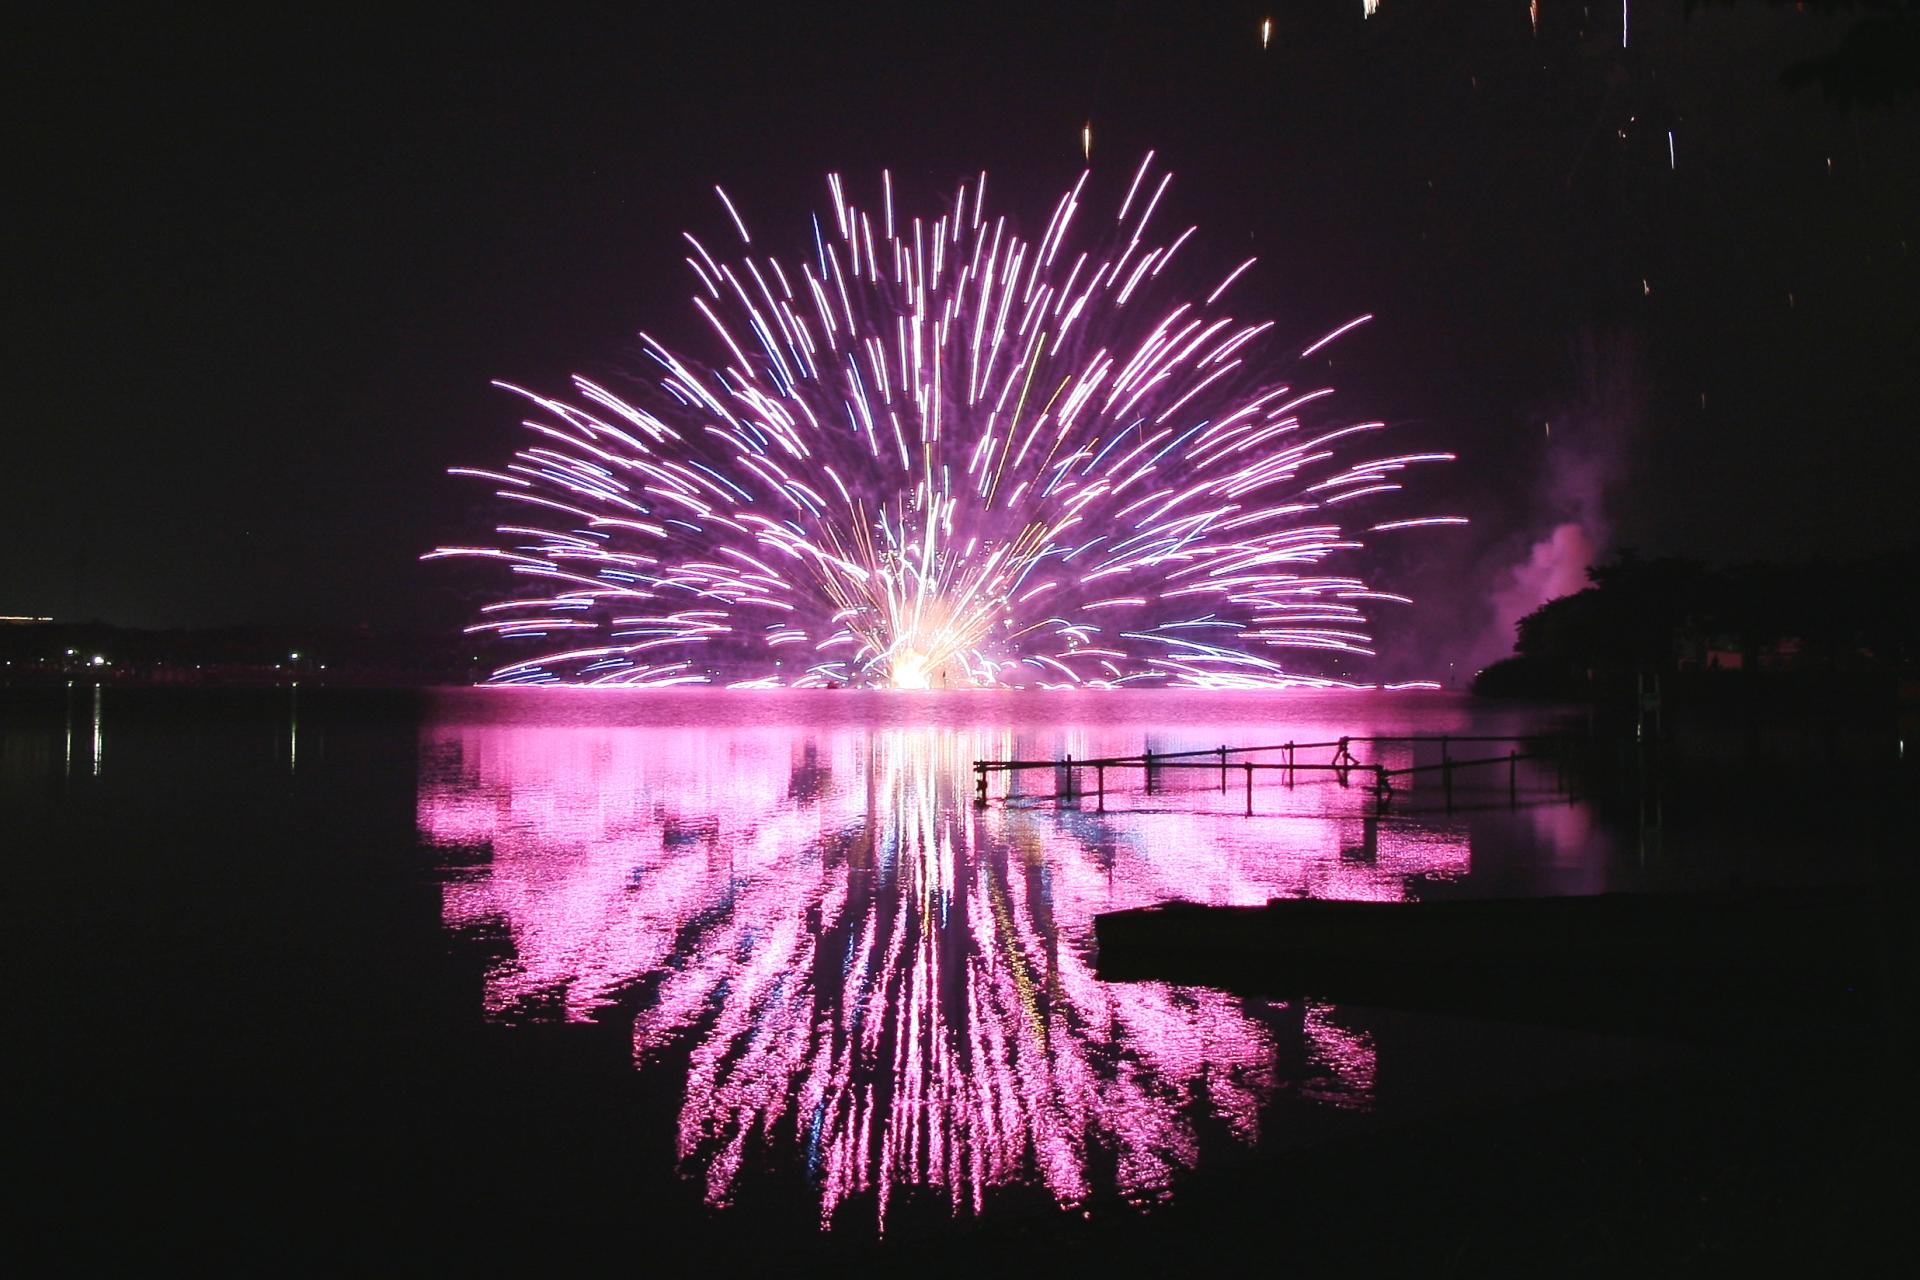 小江戸川越花火大会 埼玉の風景